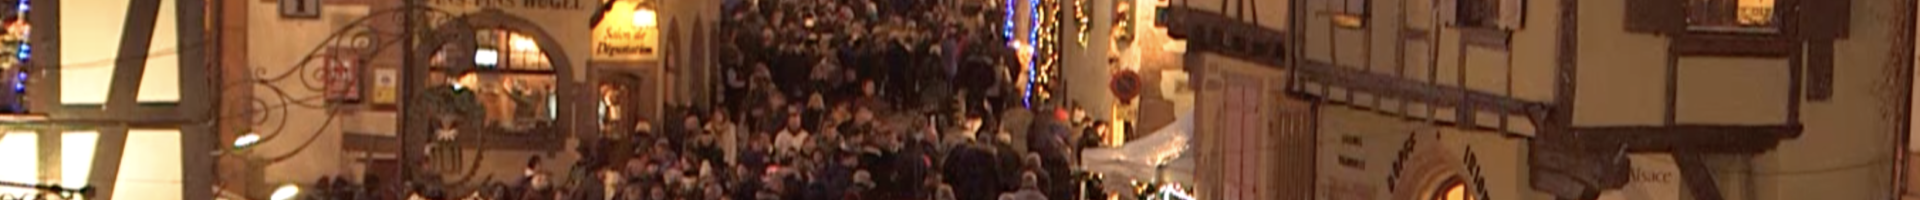 Marchés de Noël : Riquewihr ou la tradition alsacienne